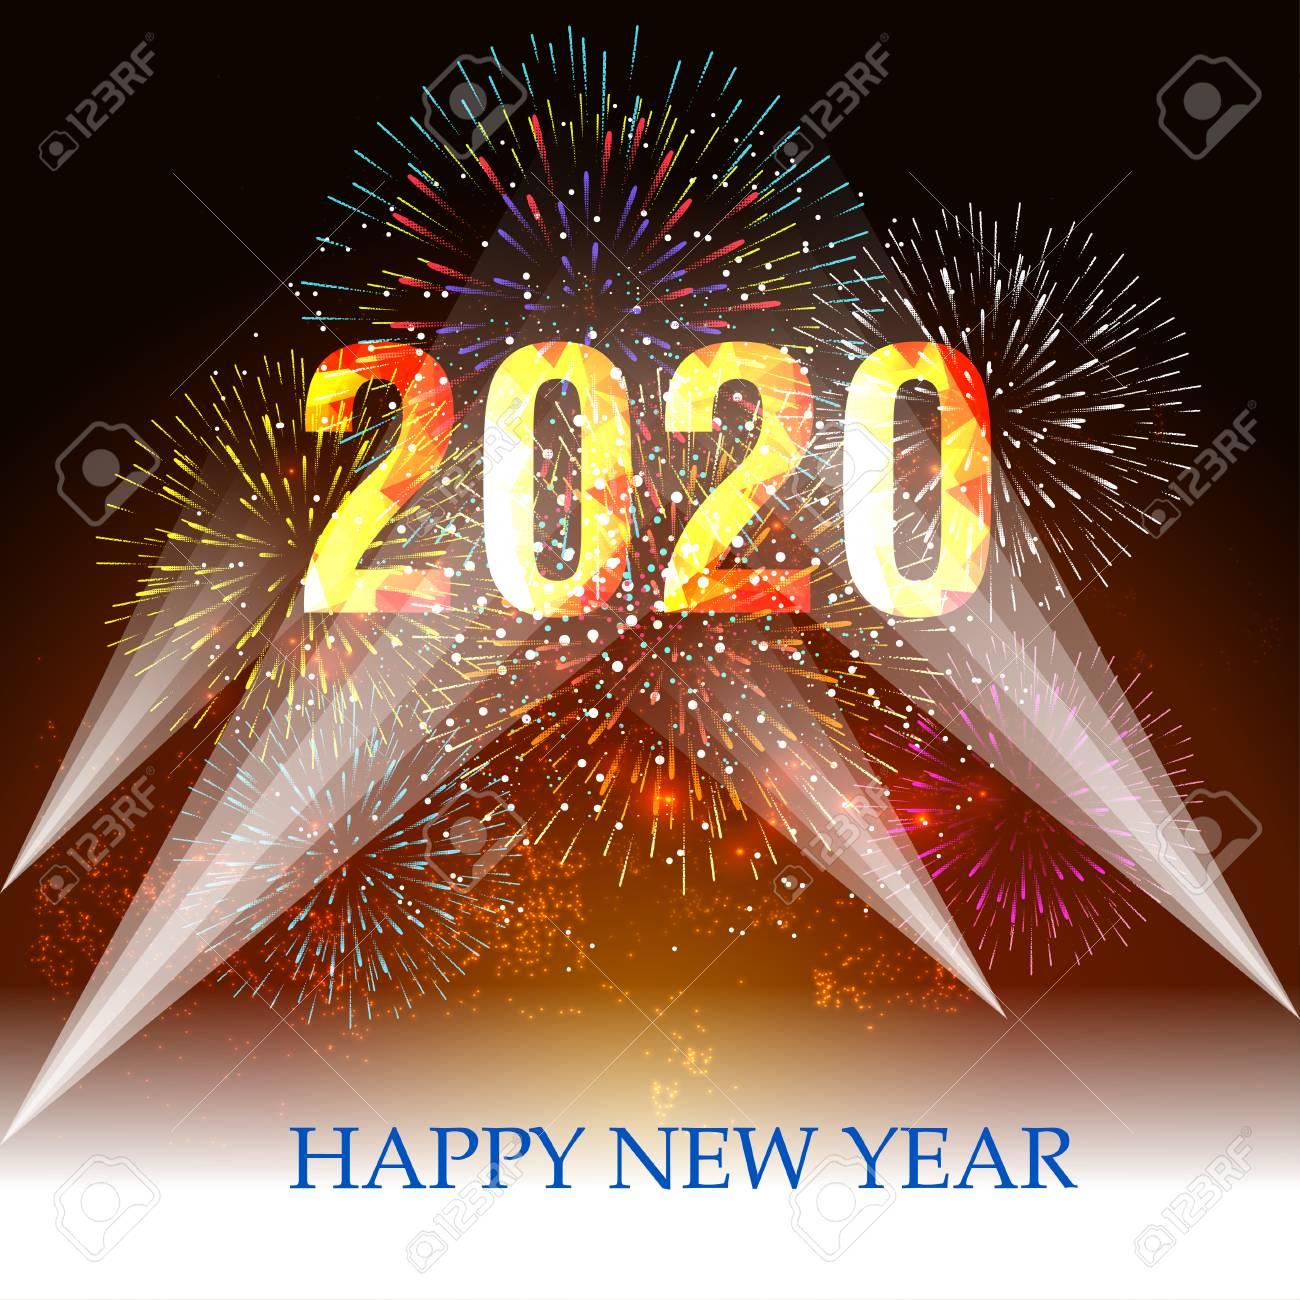 thiệp chúc mừng năm mới online